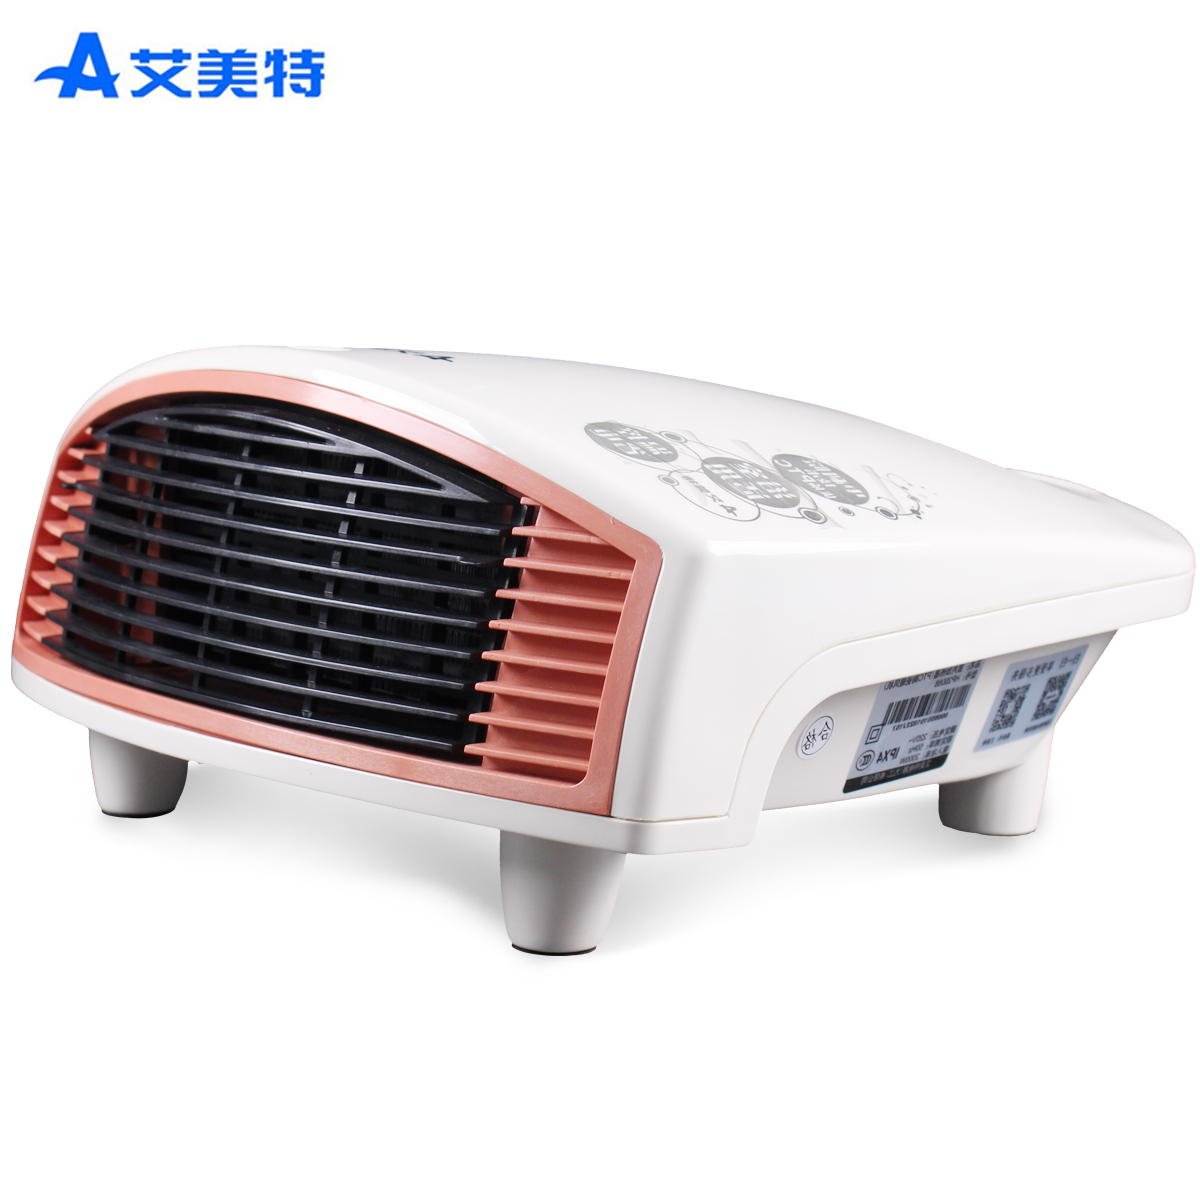 艾美特取暖器家用节能暖风机省电速热电暖气冬季浴室防水取暖神器